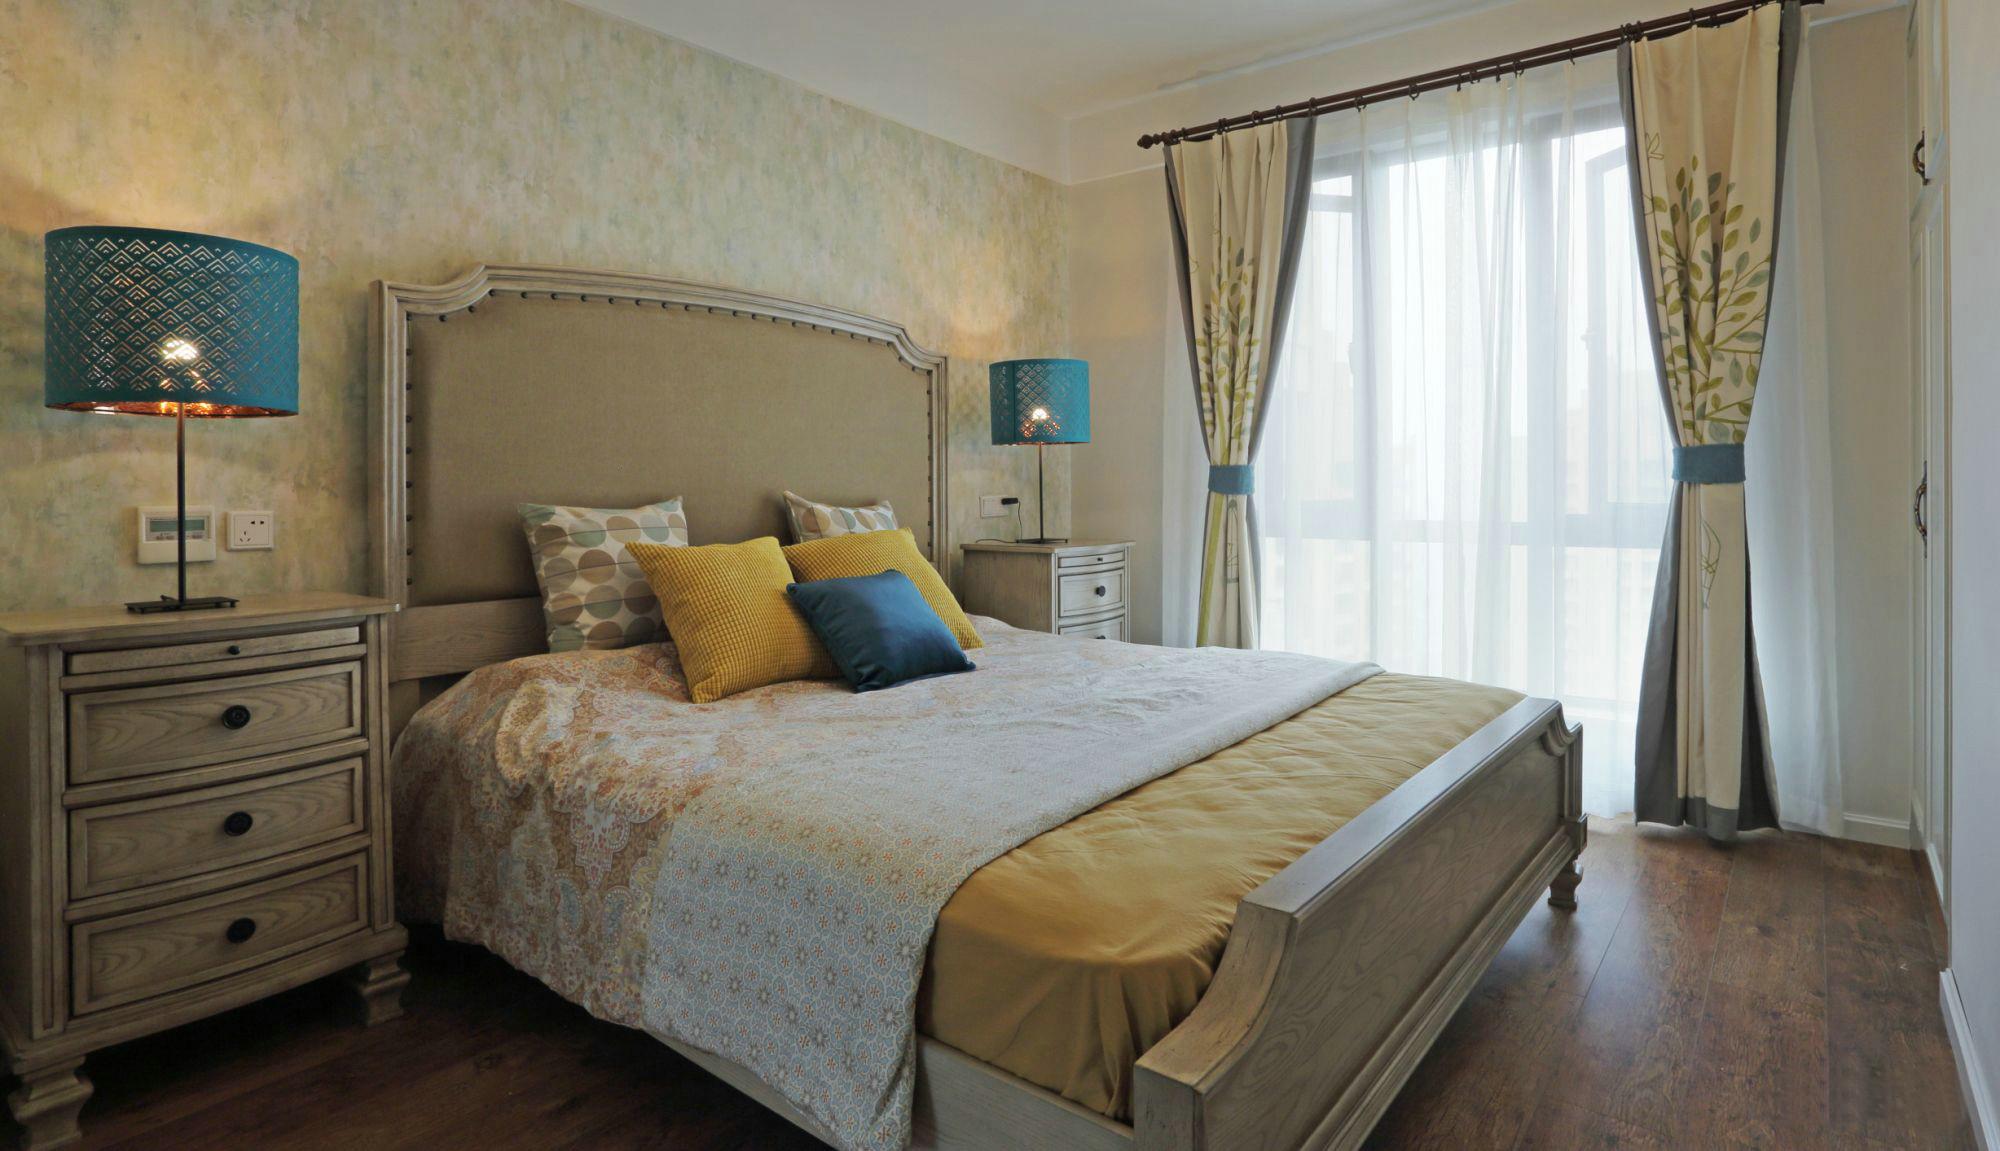 椭圆形的蓝色罩灯为卧室增加了一些亮色。